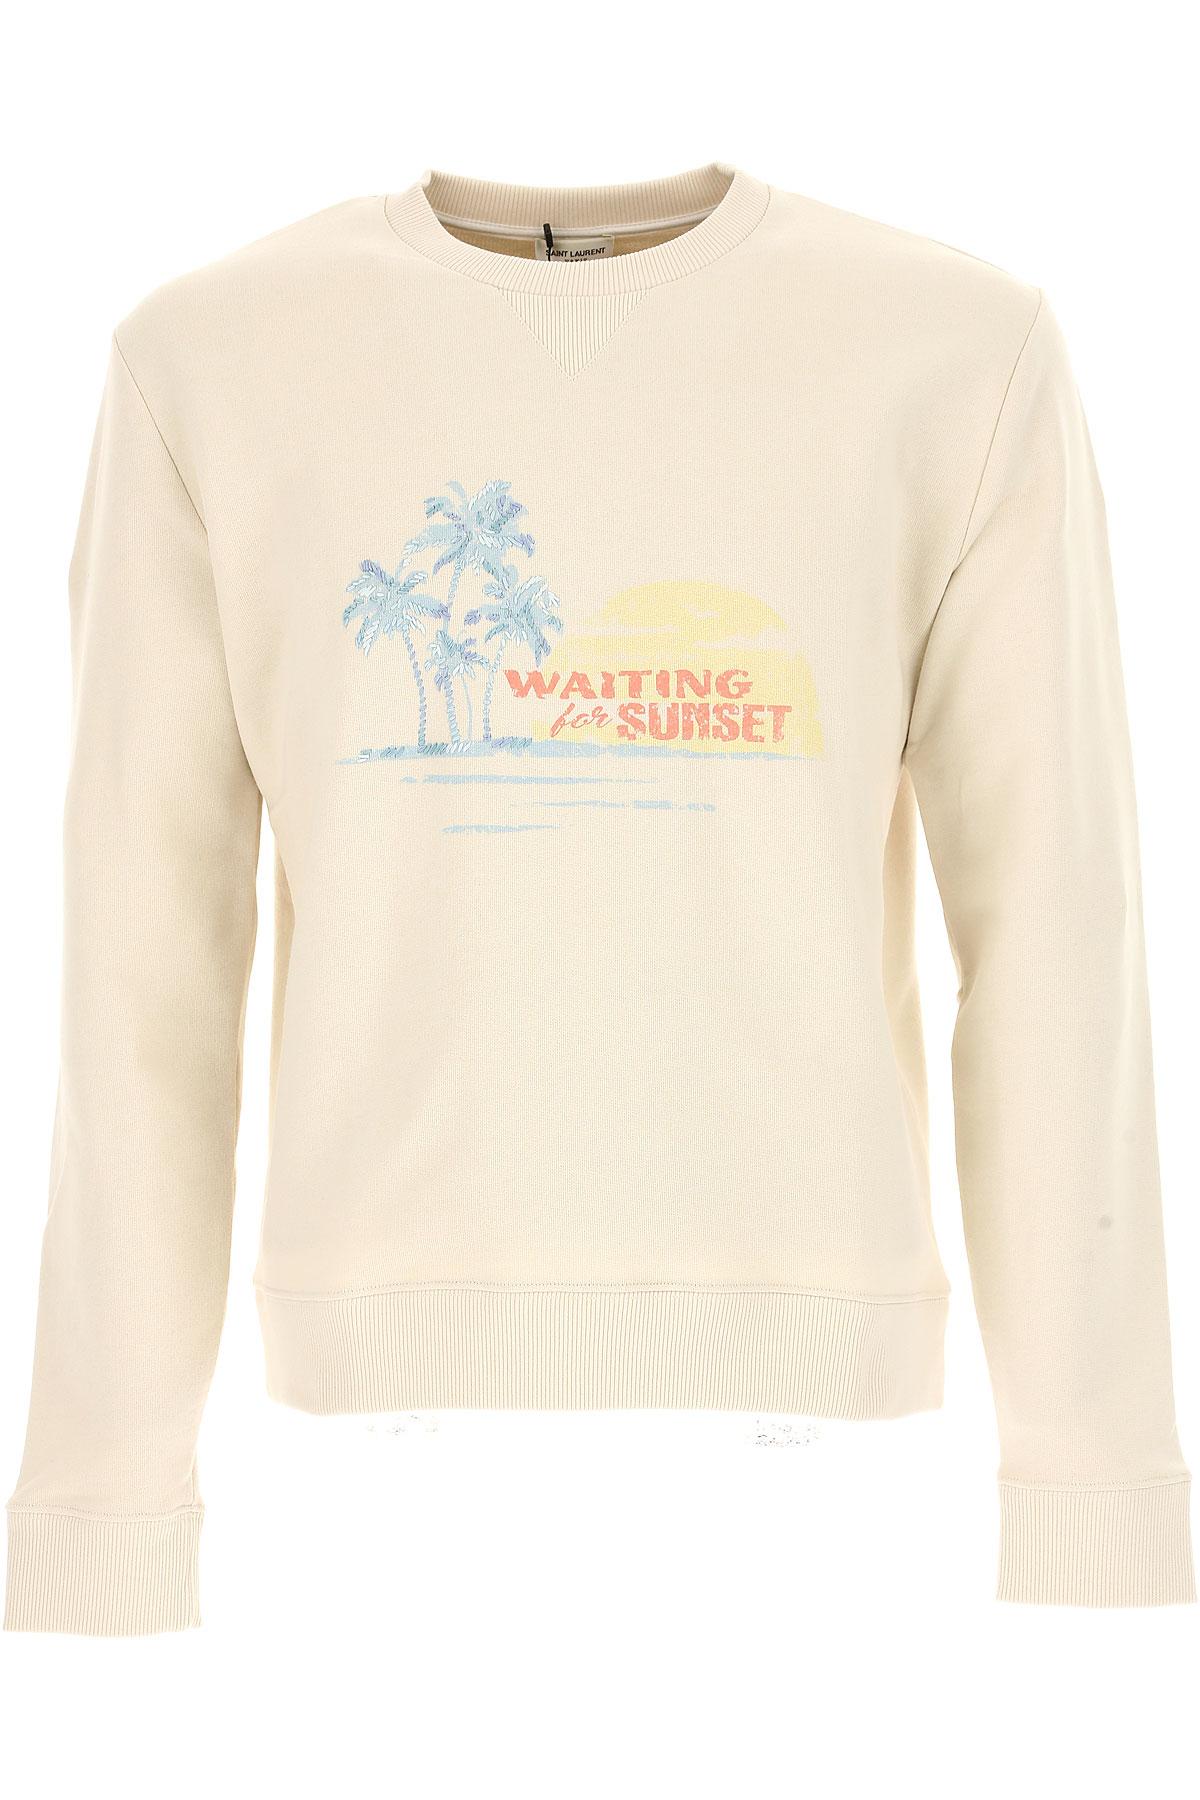 Yves Saint Laurent Sweatshirt for Men, Off White, Cotton, 2017, L M USA-436264